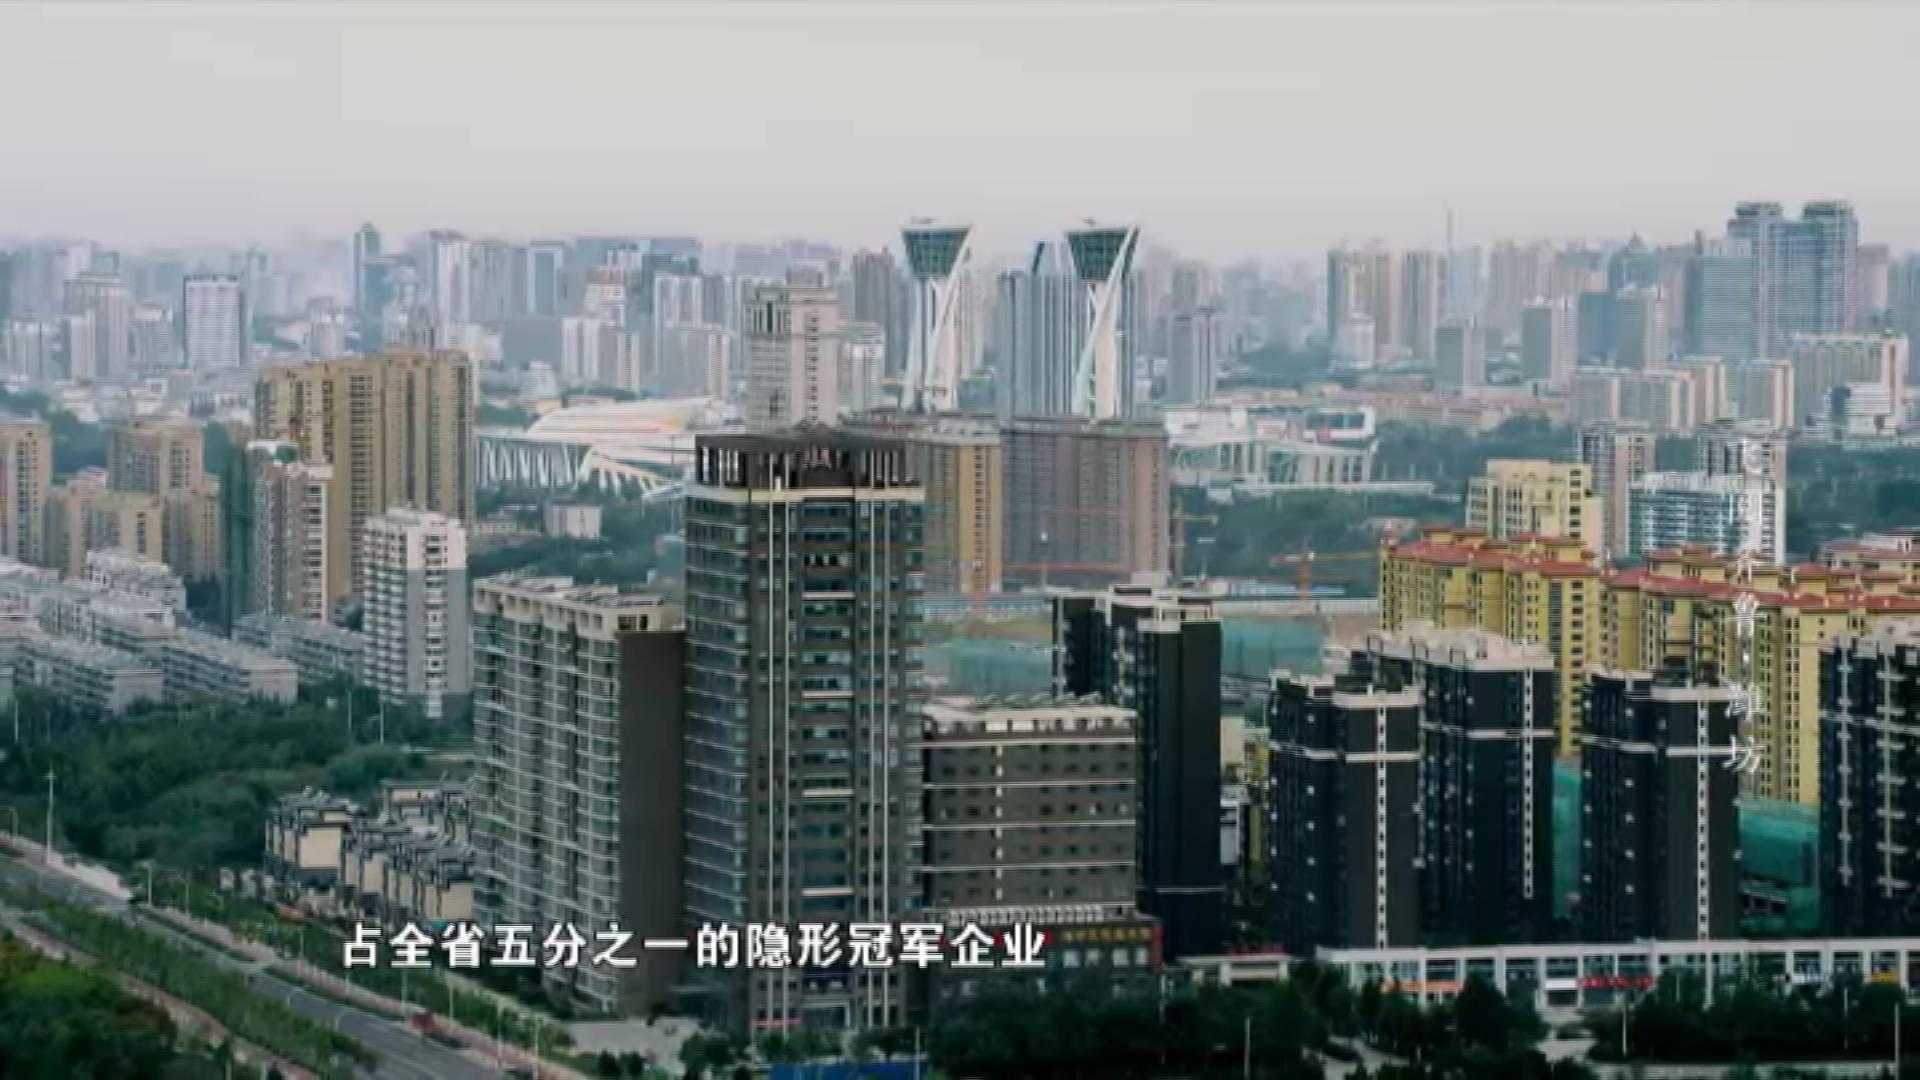 诞生了全省五分之一的冠军企业 这里是潍坊高新产业集聚地丨《飞阅齐鲁》